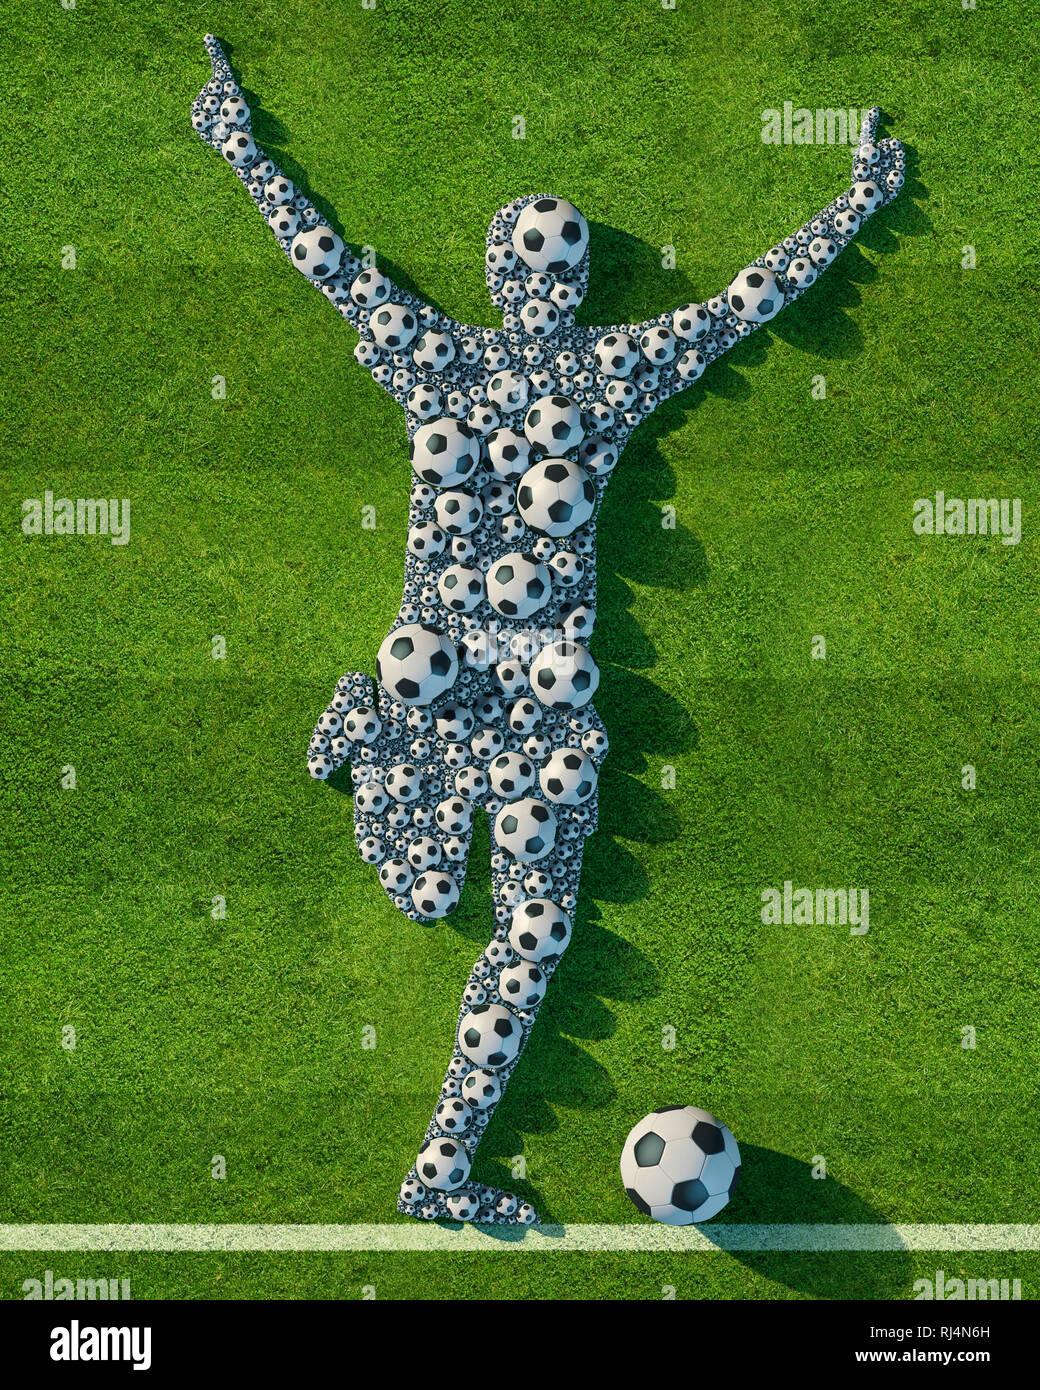 Fussbälle auf grünem Rasen-Spielfeld bilden die Figur eines laufenden und  jubelnden Fusballspieler. Eine weiß gekalkte Feldlinie bildet den Boden. - Stock Image